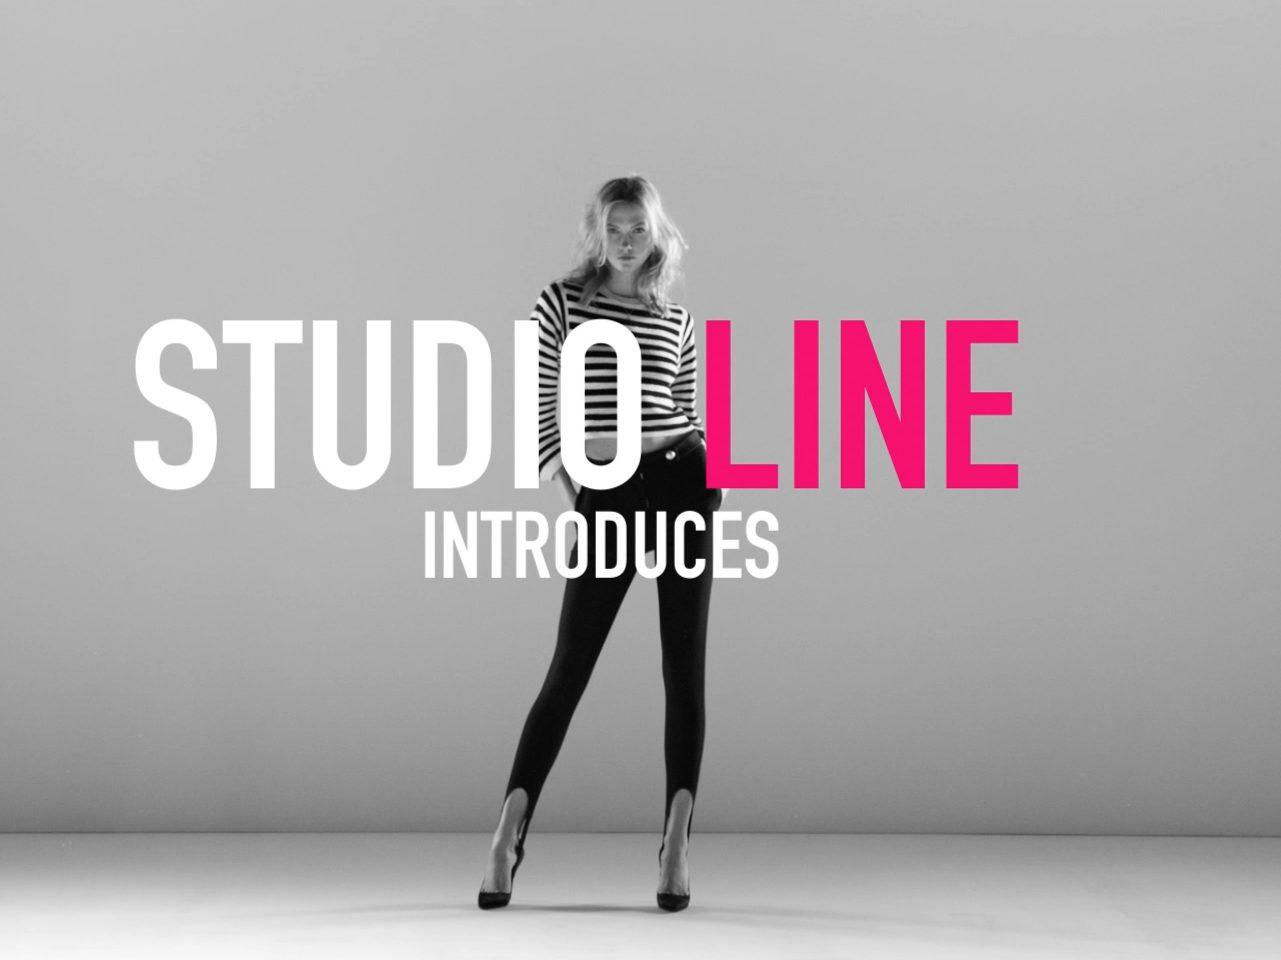 L'Oreal Studioline - Karlie Kloss-Still006